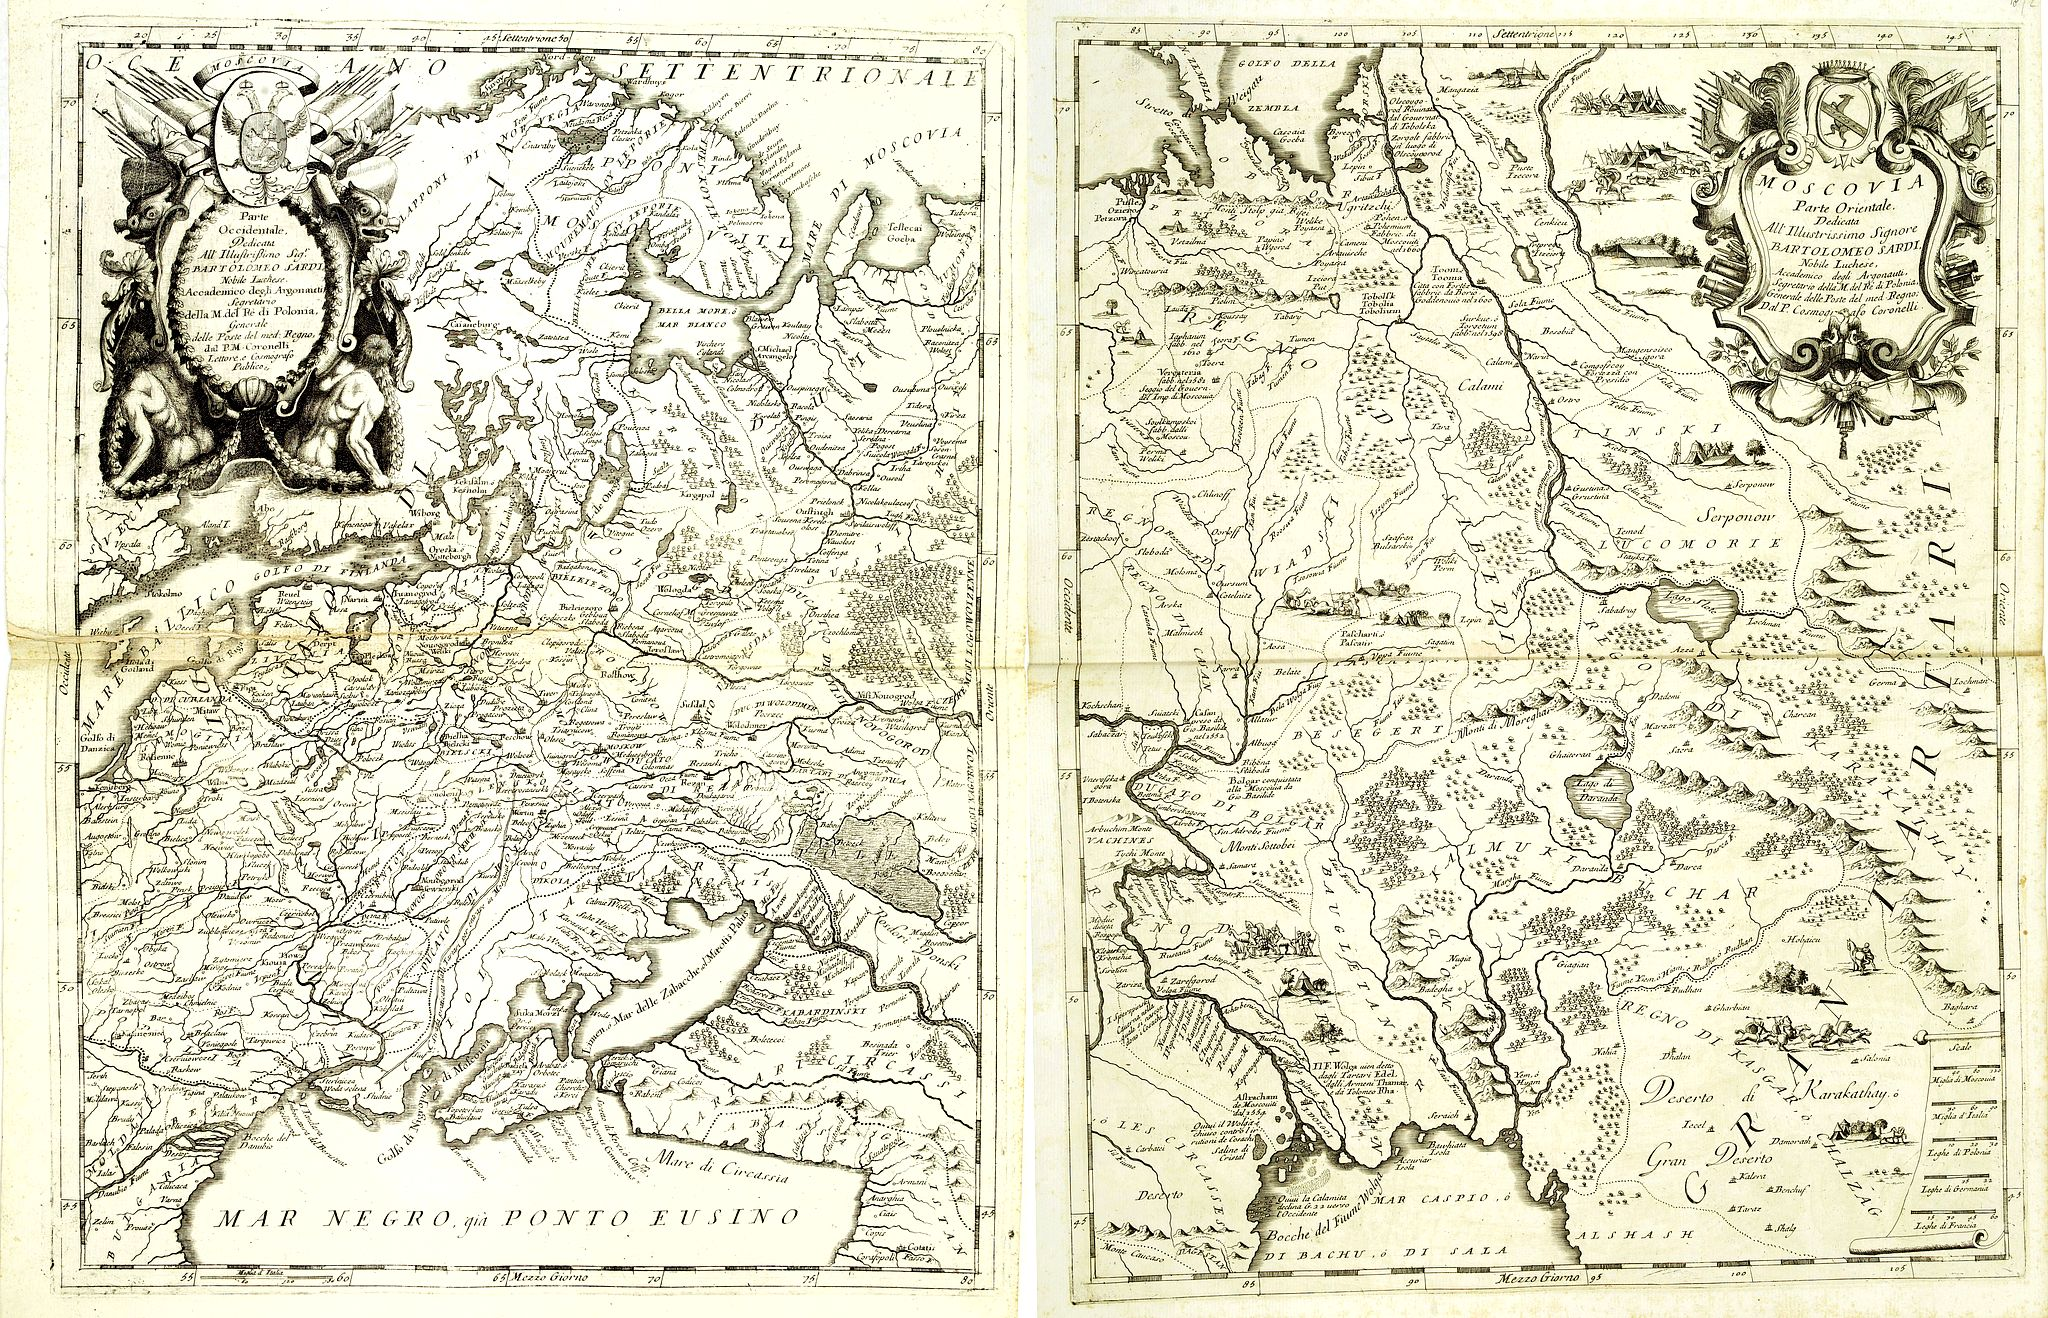 CORONELLI, V.M. -  Moscovia Parte Occidentale. . . (with) … parte orientale Delicata All Illustrissimo Signore Bartolomeo Sardi. . .